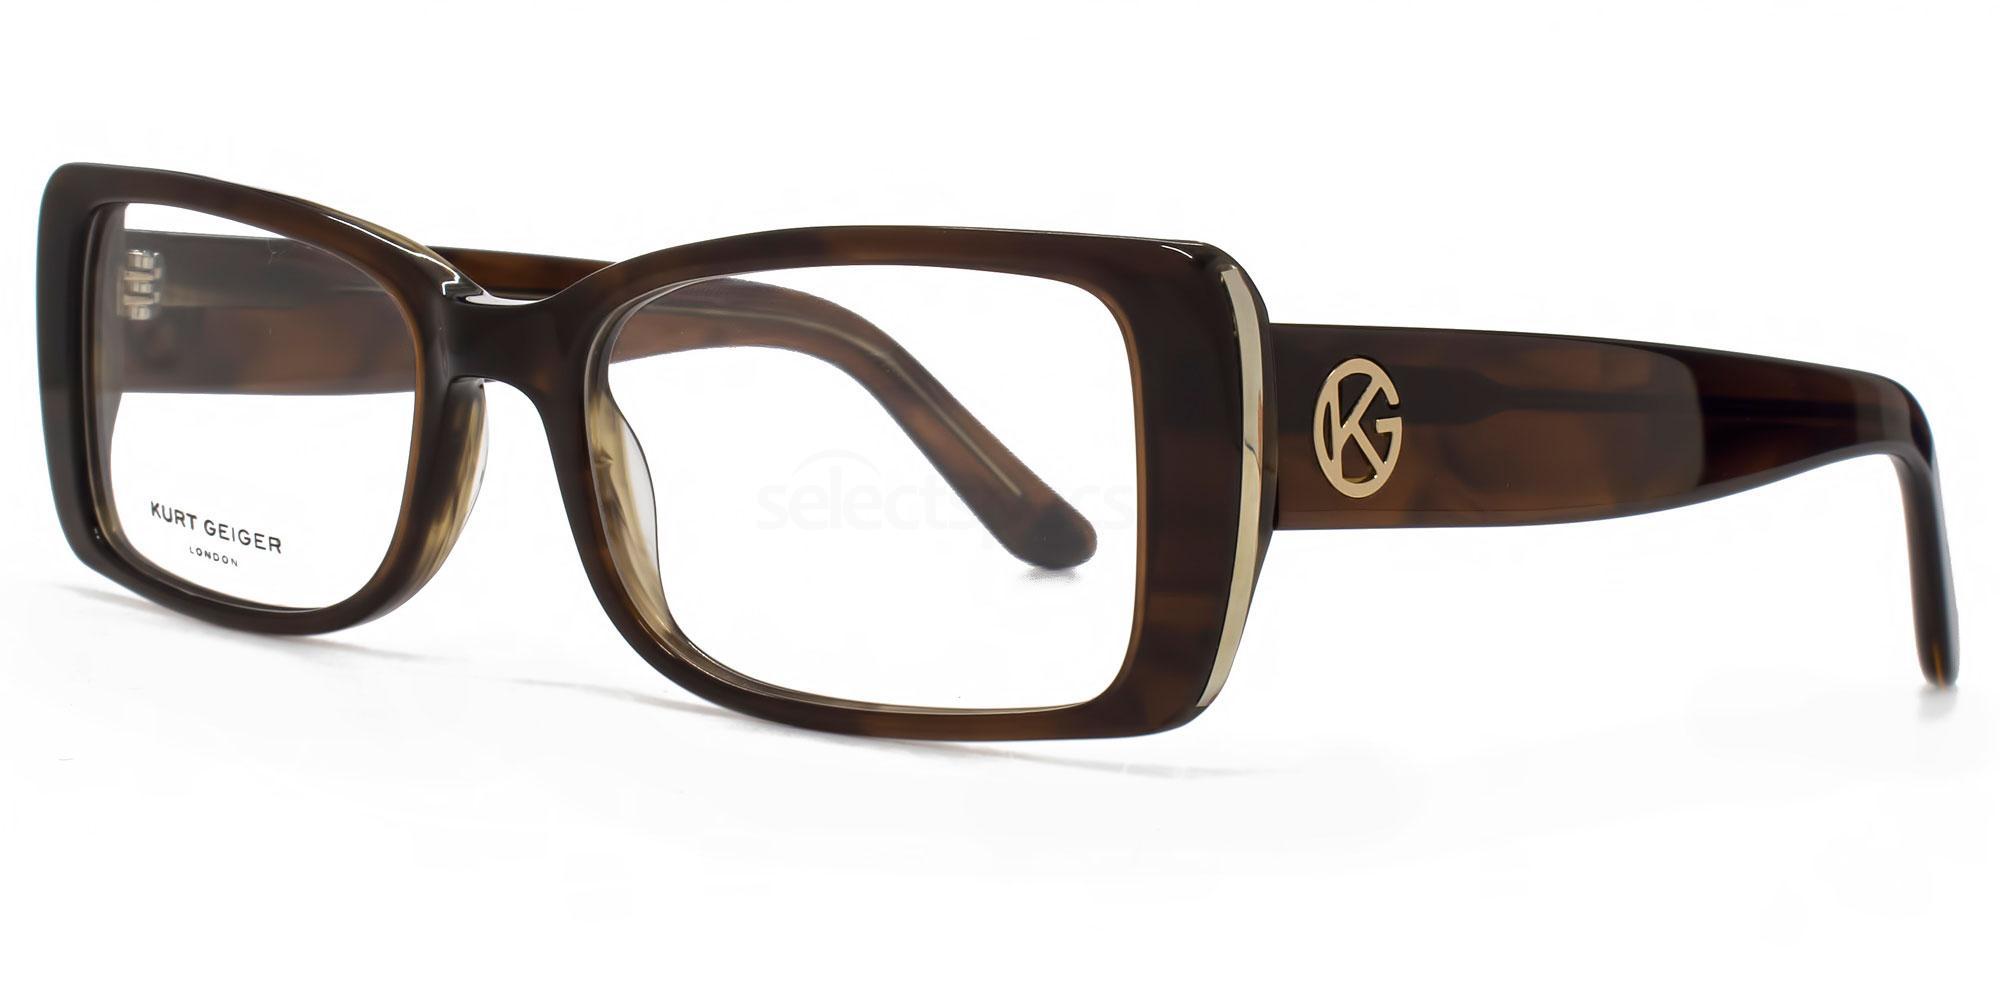 BRN KGS013 - ISABELLE Glasses, Kurt Geiger London